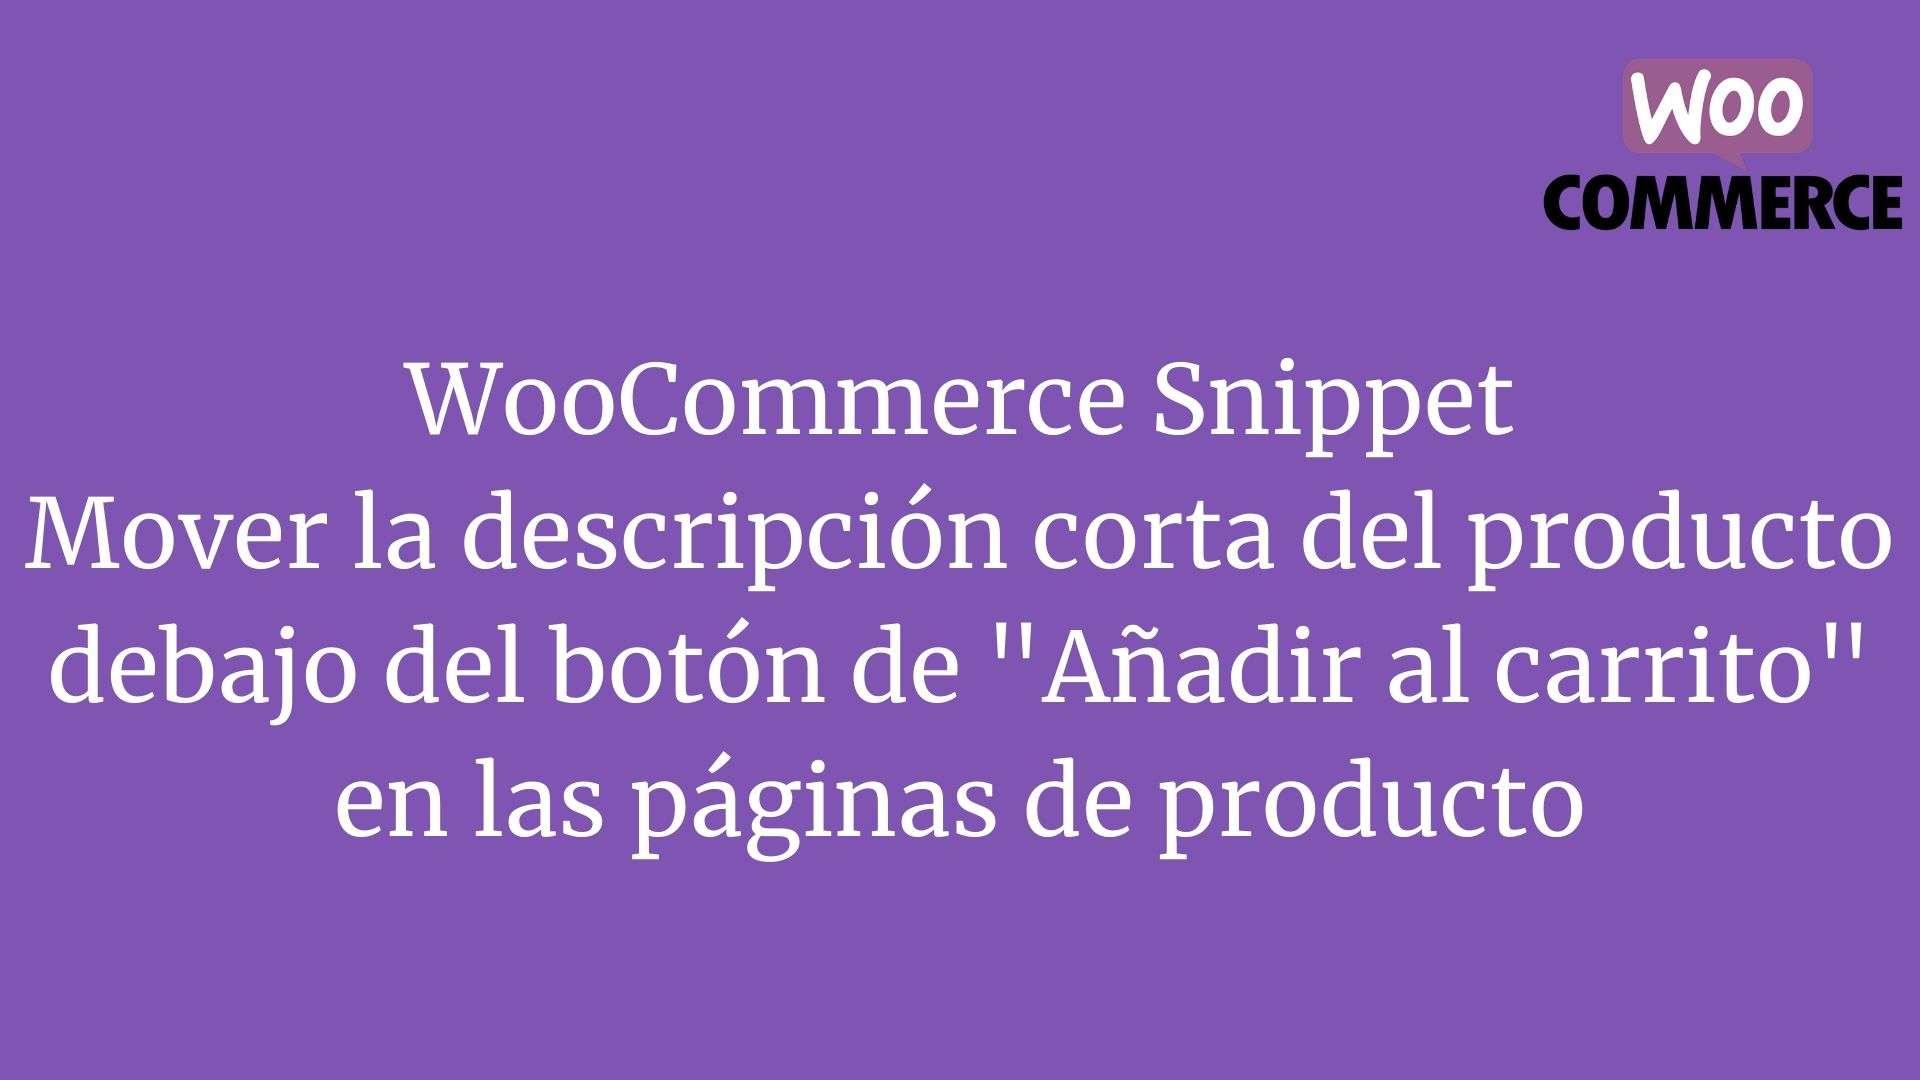 """WooCommerce Snippet Mover la descripción corta del producto debajo del botón de """"Añadir al carrito"""" en las páginas de producto"""